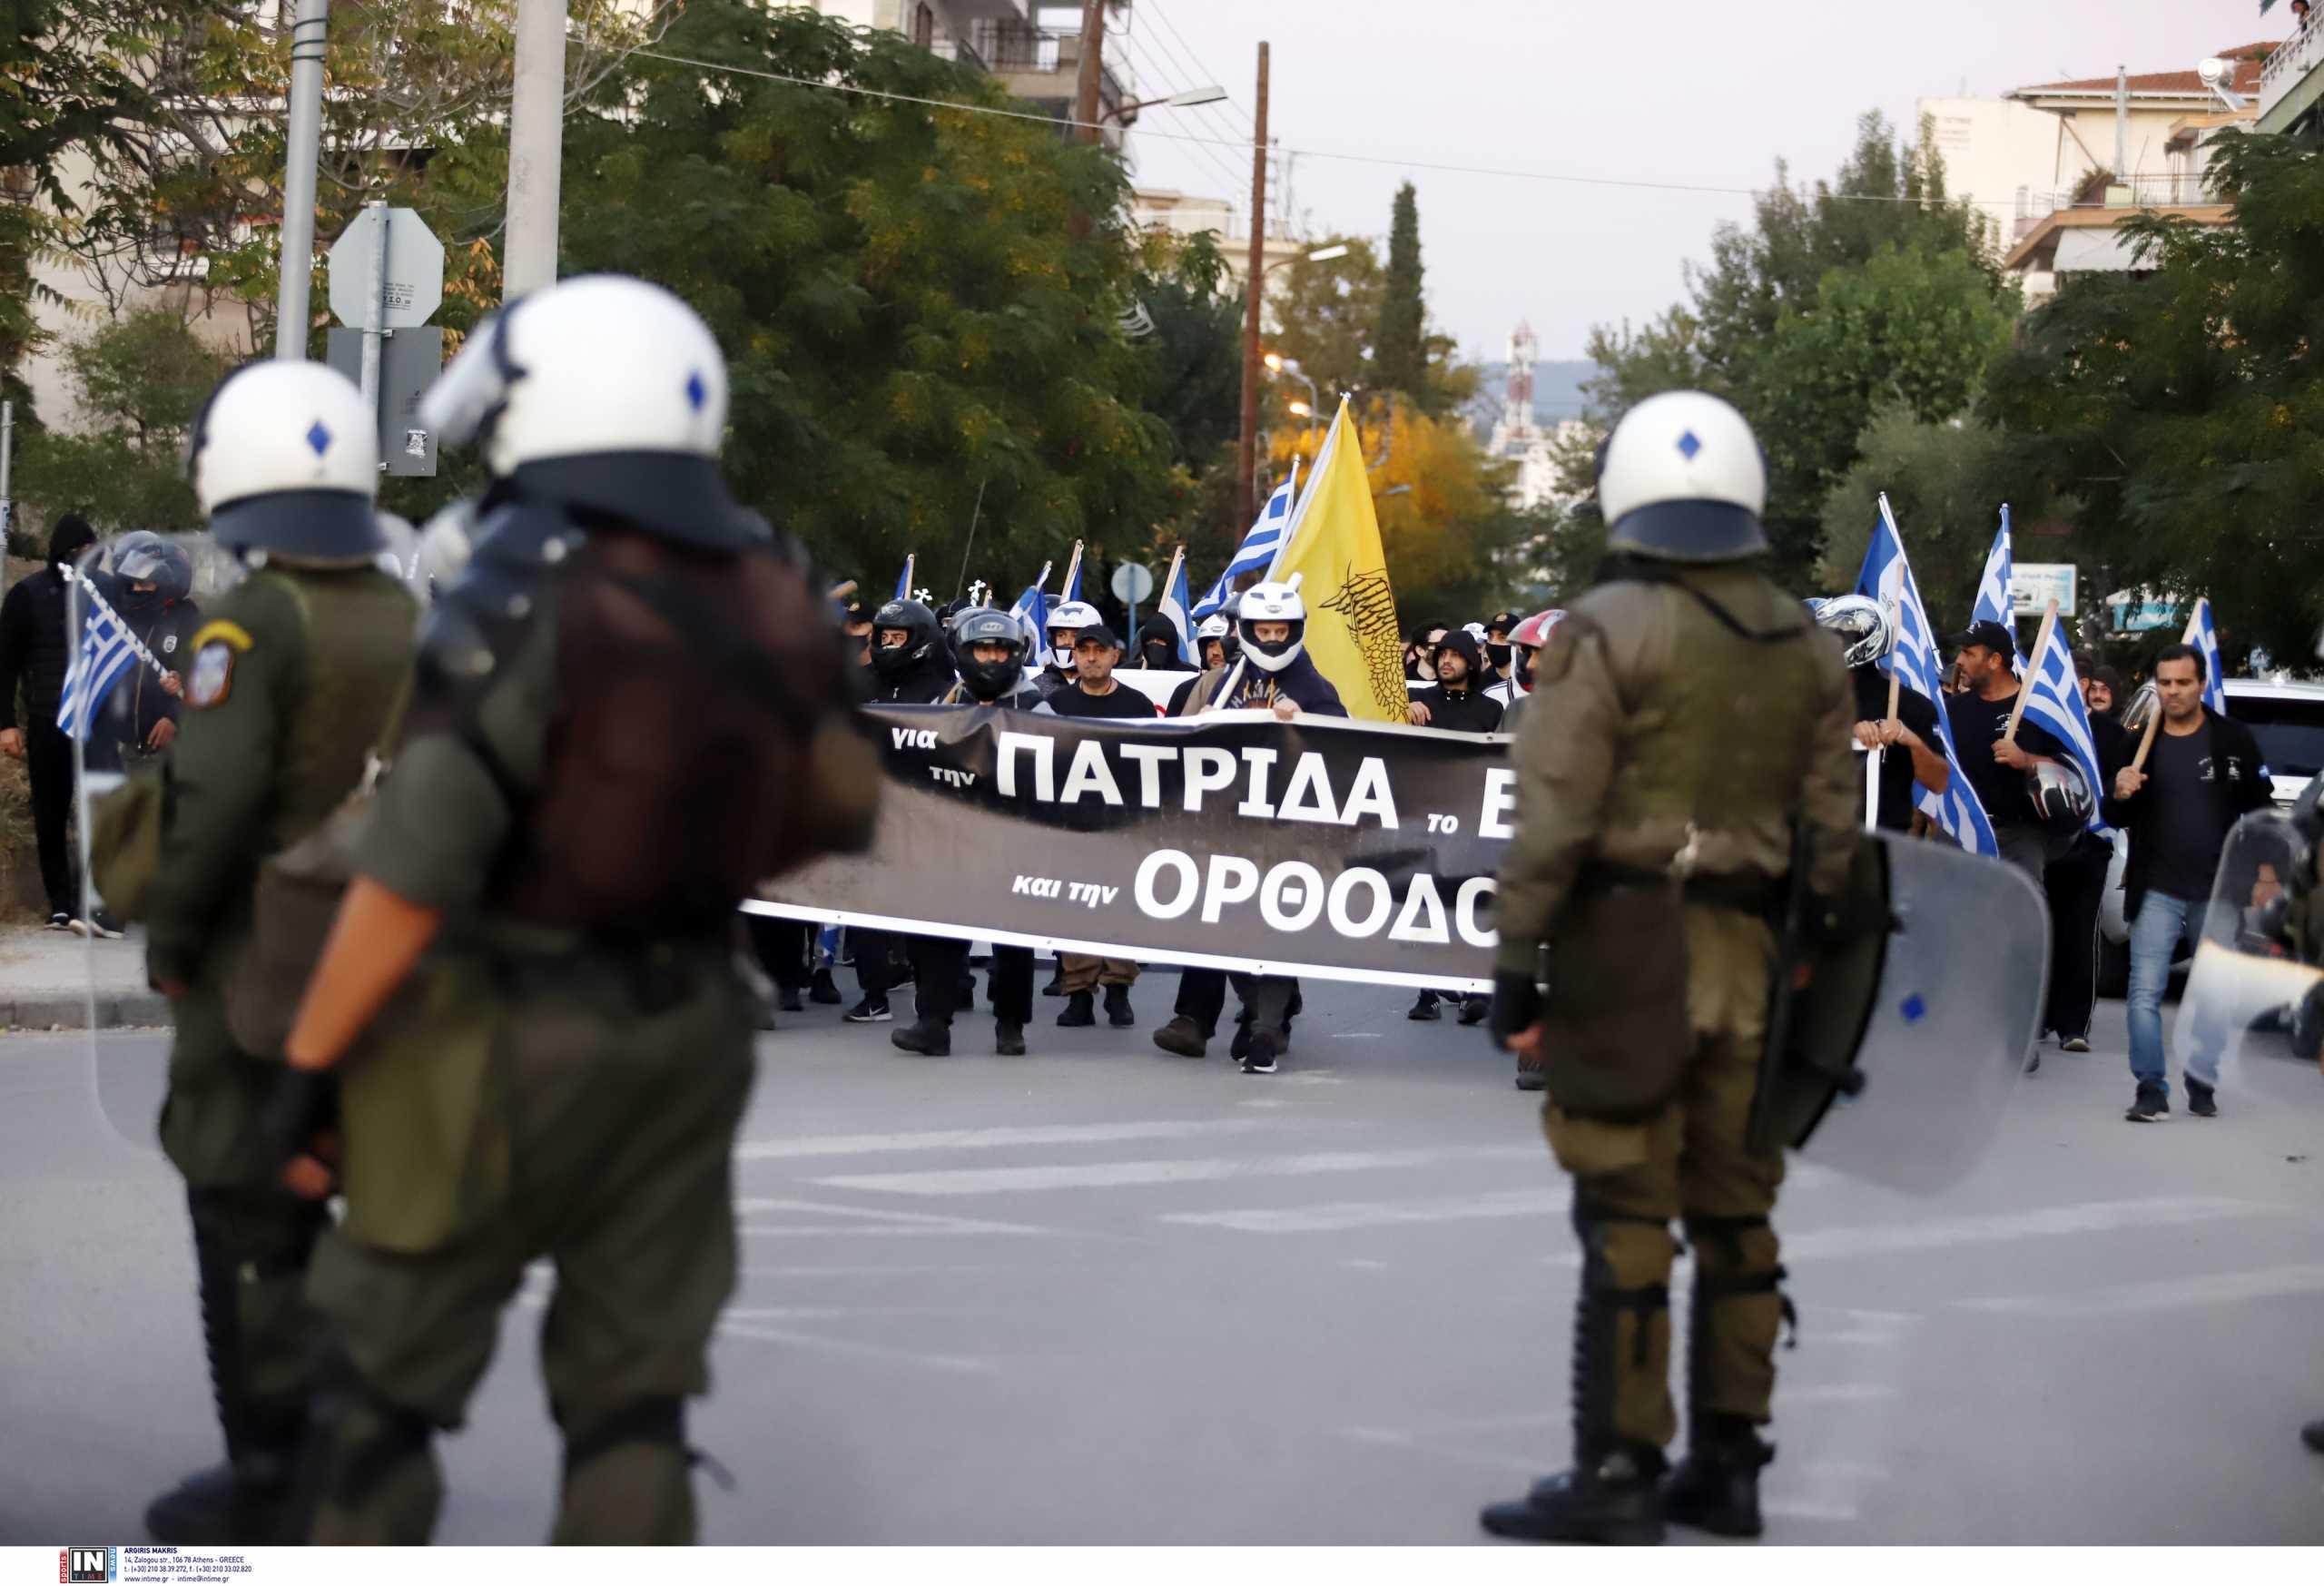 Έρευνα για εγκληματική οργάνωση πίσω από τα επεισόδια σε Αθήνα και Θεσσαλονίκη ζητά ο  εισαγγελέας του Αρείου Πάγου